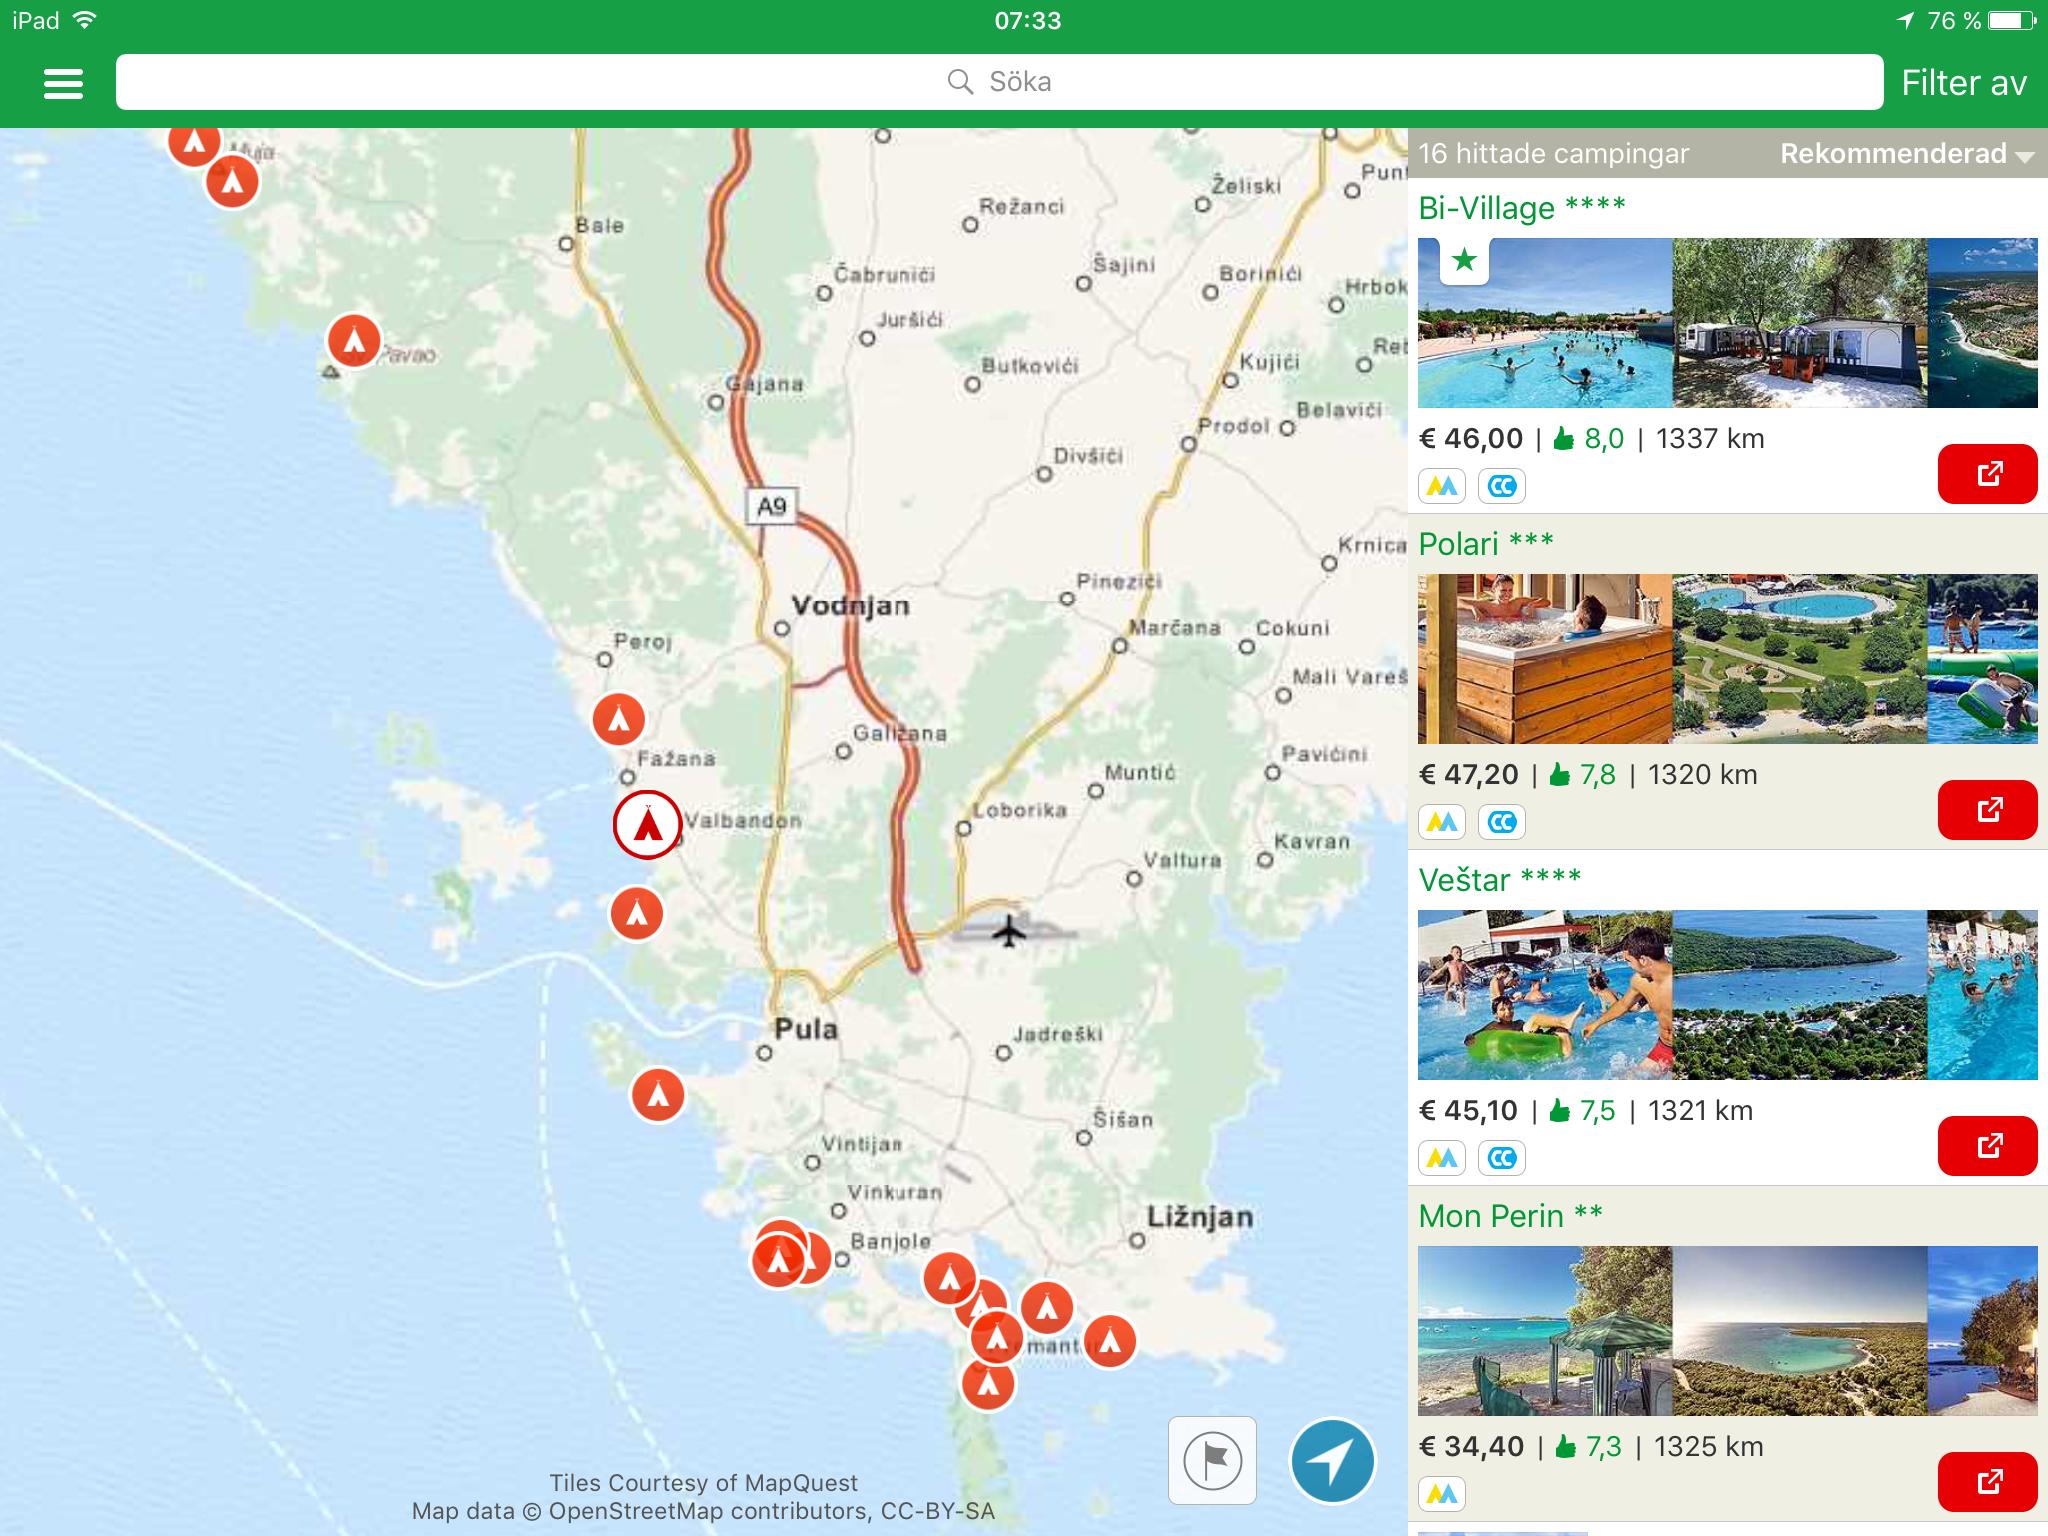 karta över campingplatser i danmark Reseplanering Kroatien / Danmark   Våra Husbilsresor karta över campingplatser i danmark